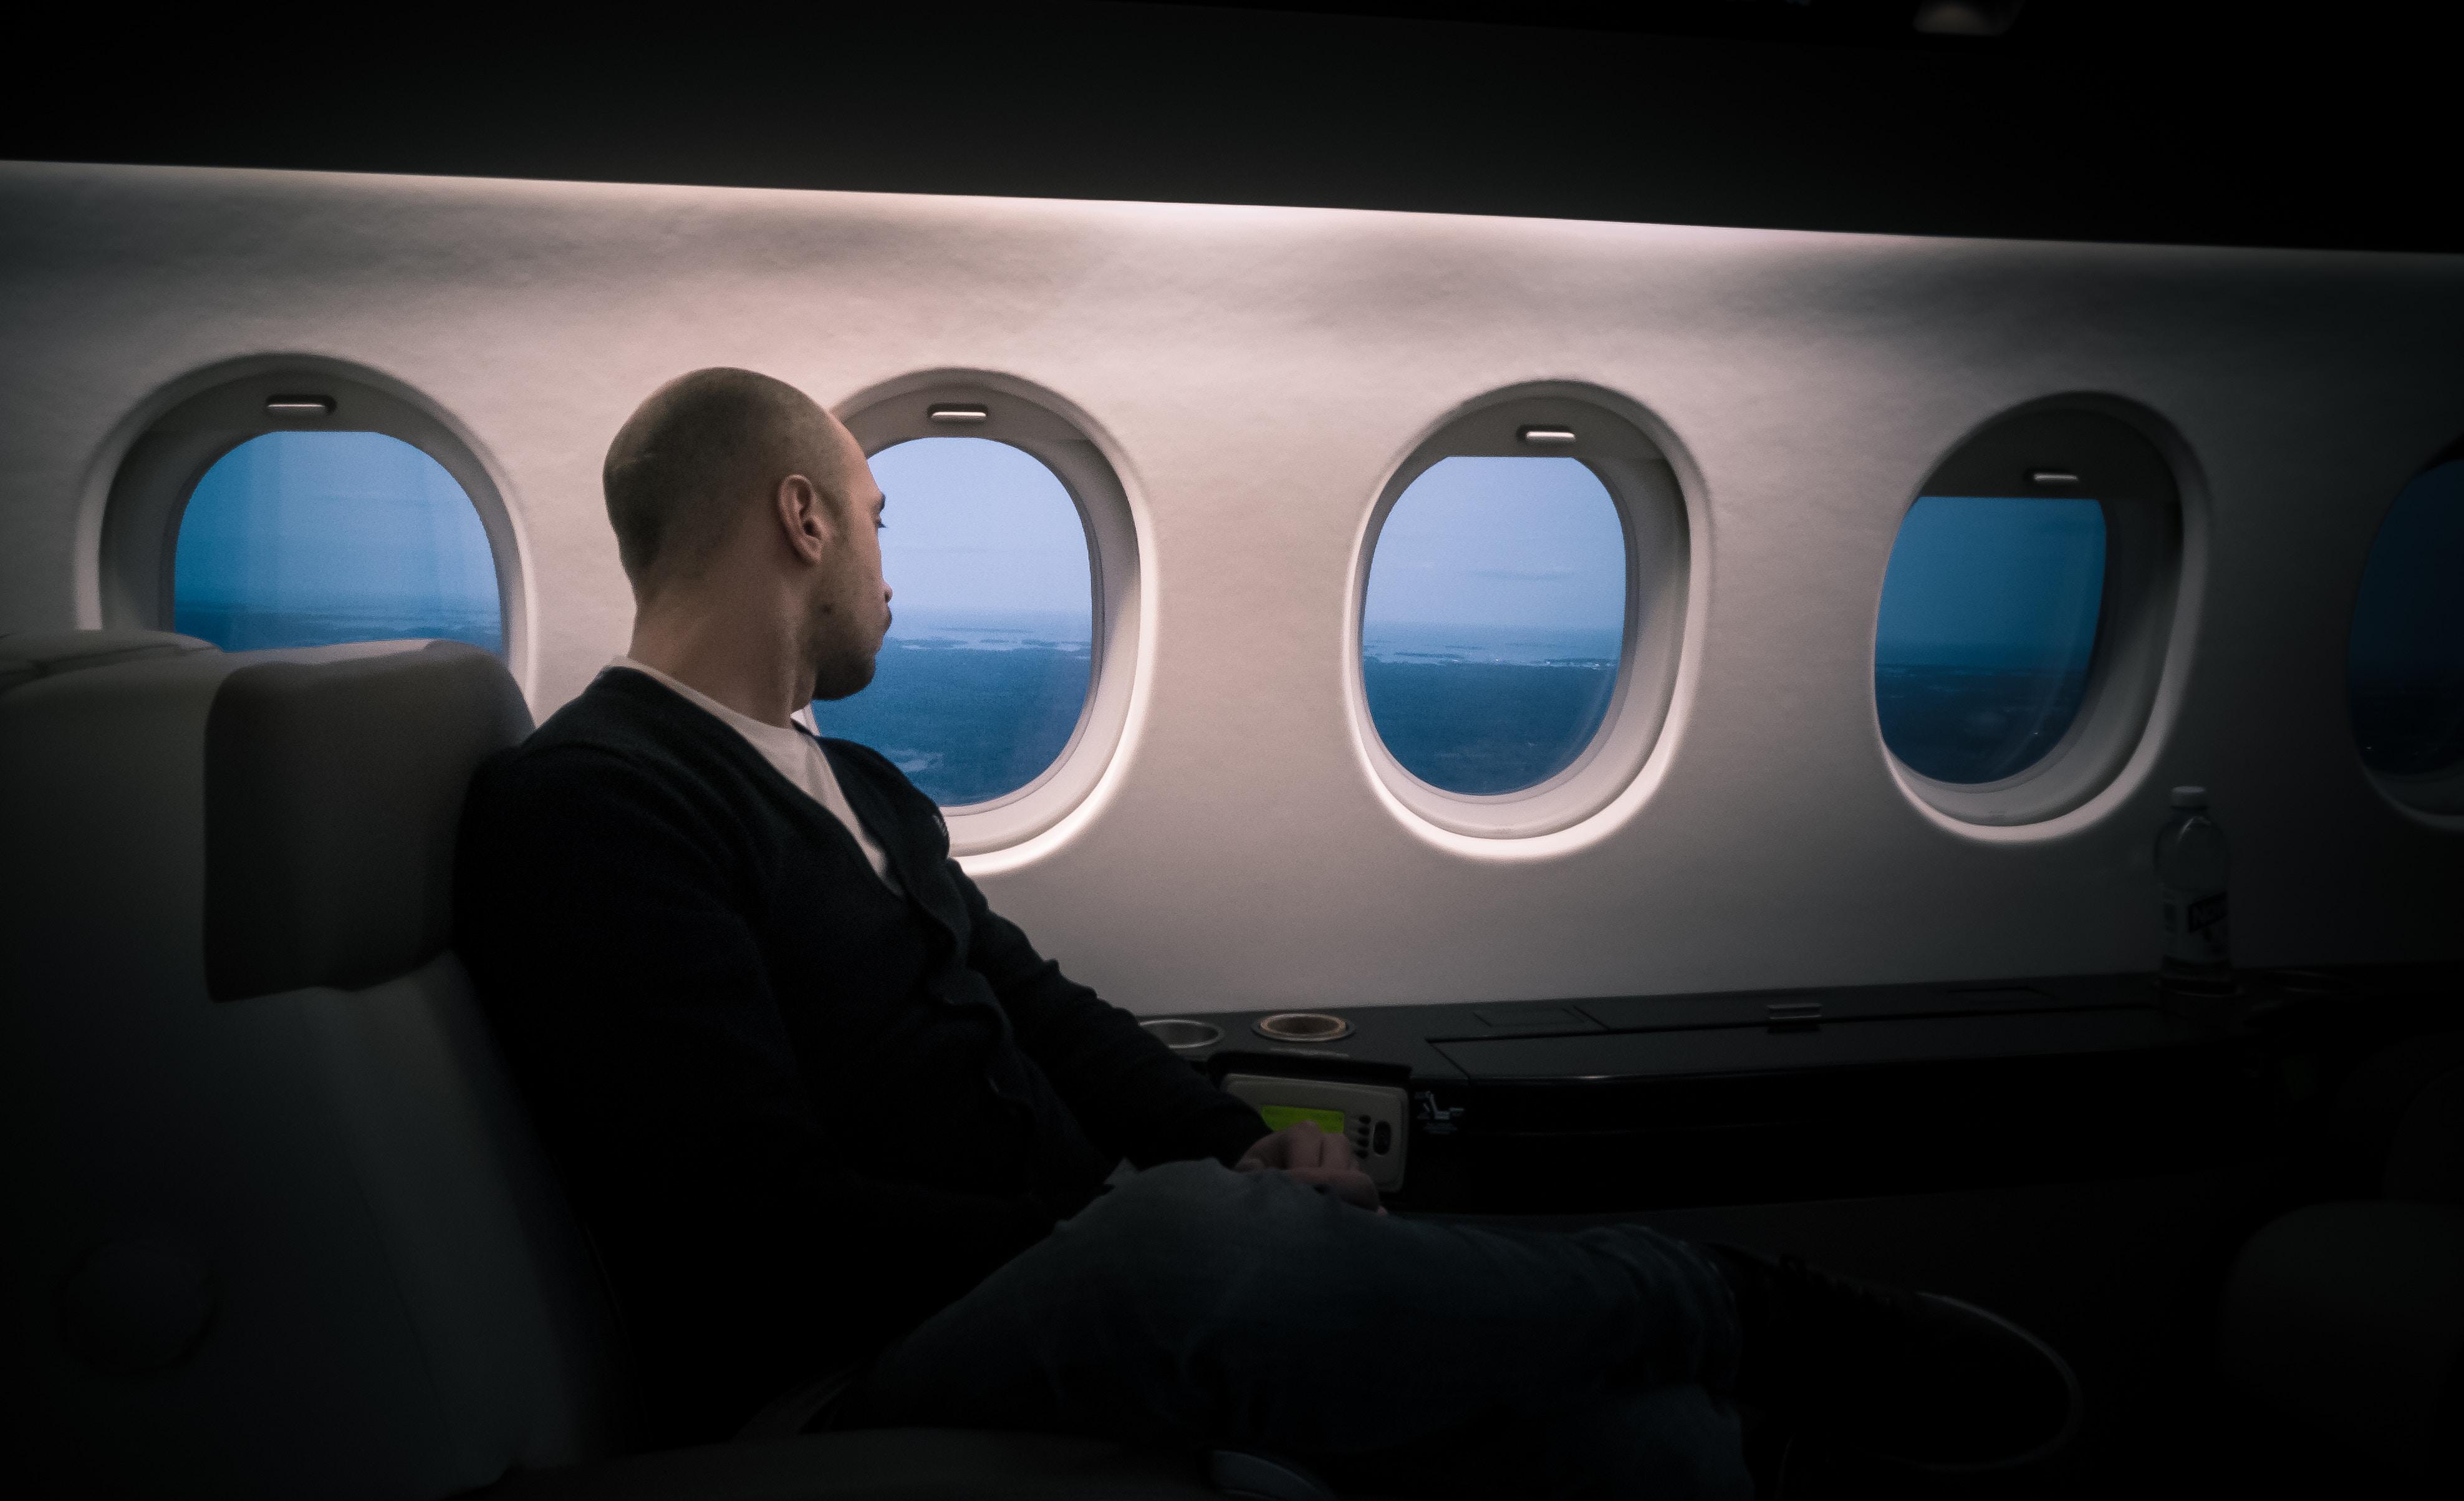 flight hacks